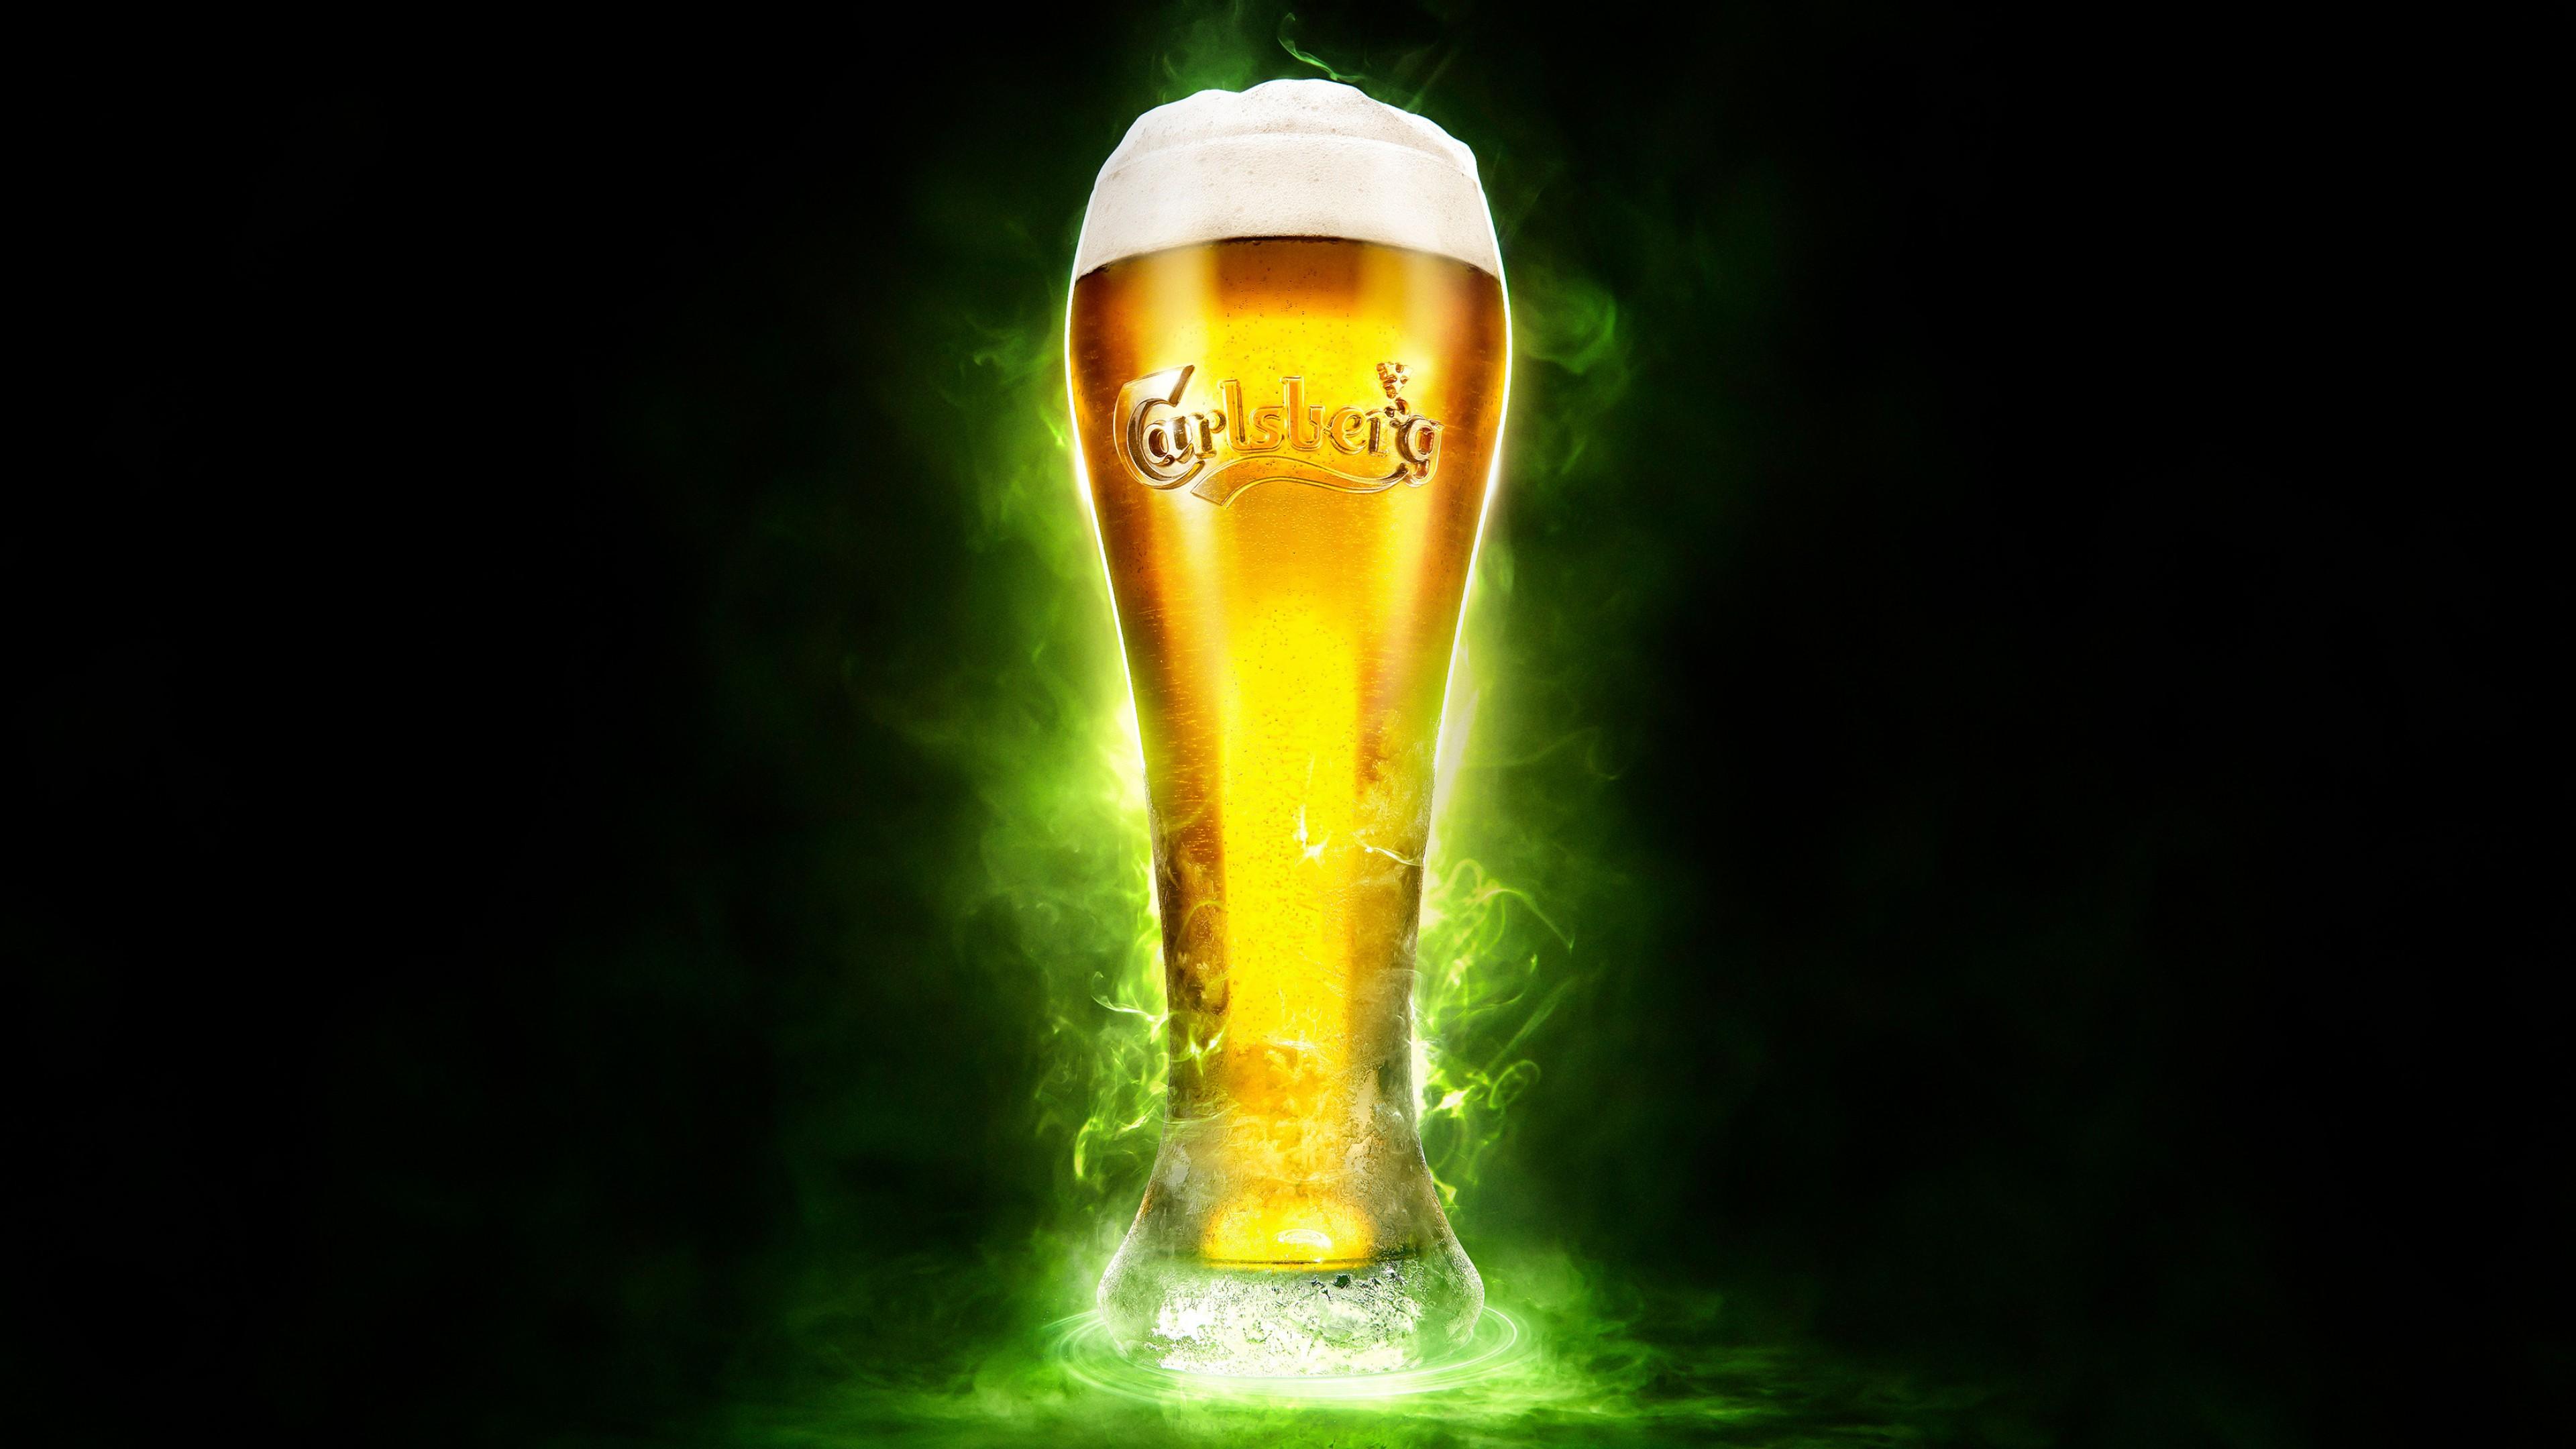 Реклама пива светлого,безалкогольного в высоком бокале с пышной пеной